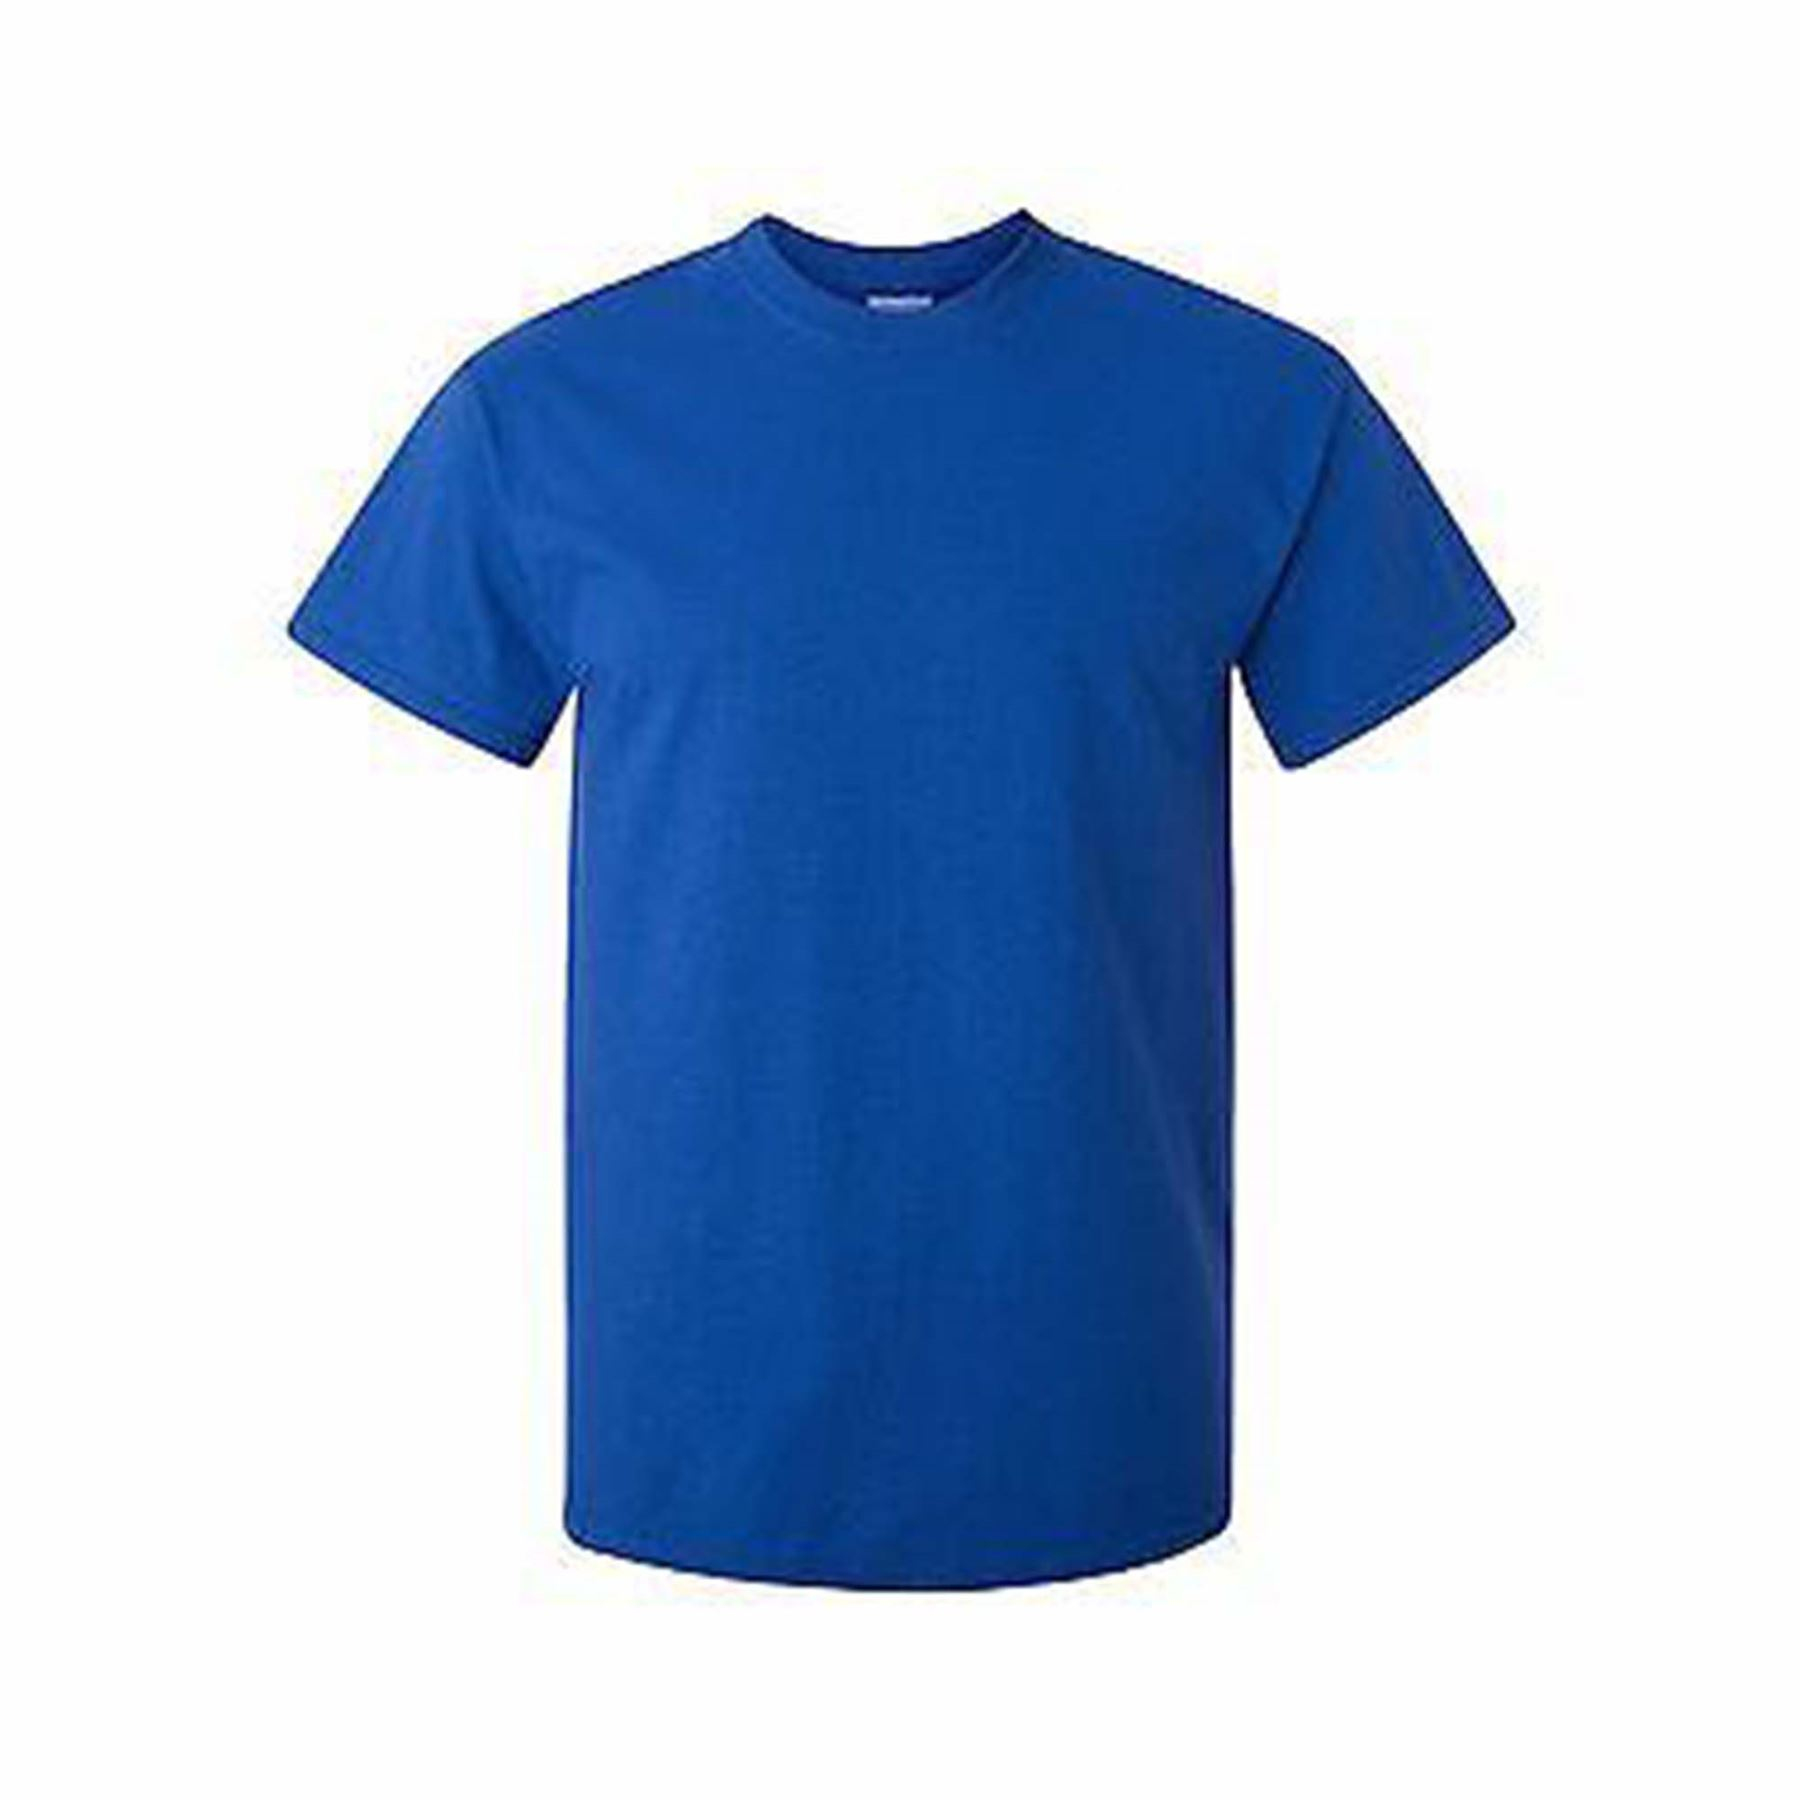 Mens Cotton Plain Blank Tee Shirt Summer T Shirt Men 39 S